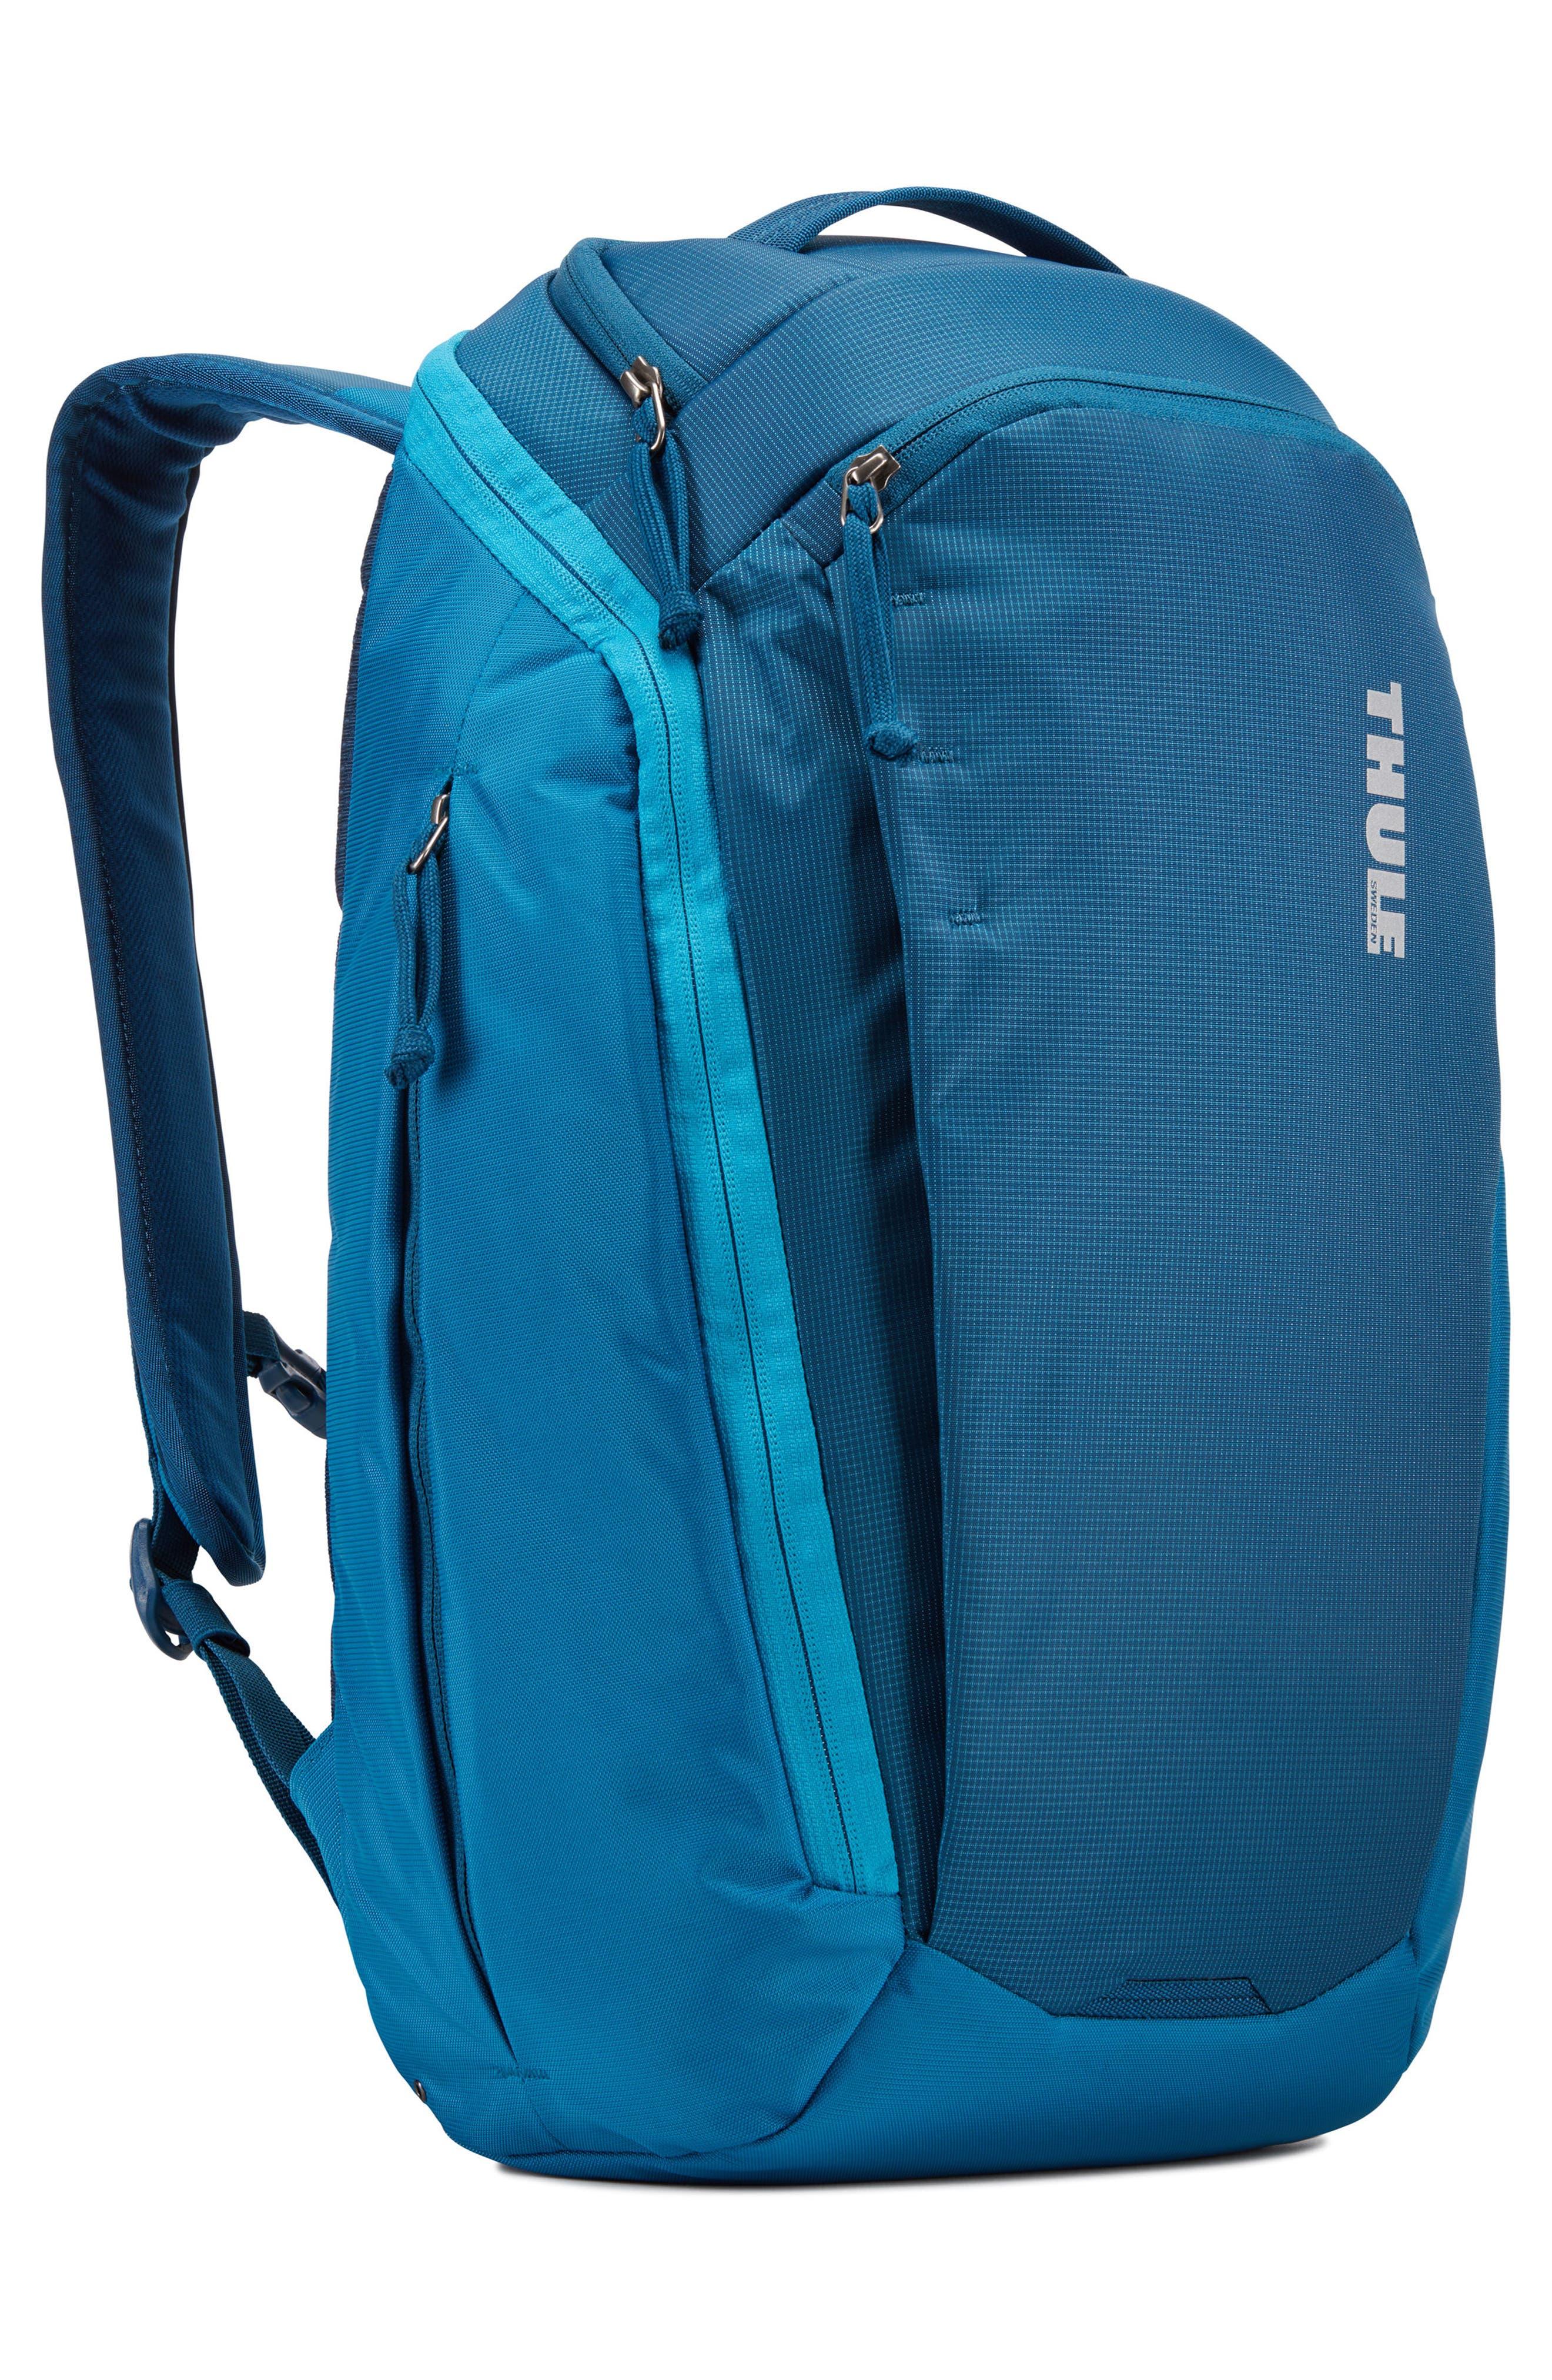 EnRoute Backpack,                             Alternate thumbnail 3, color,                             Poseidon